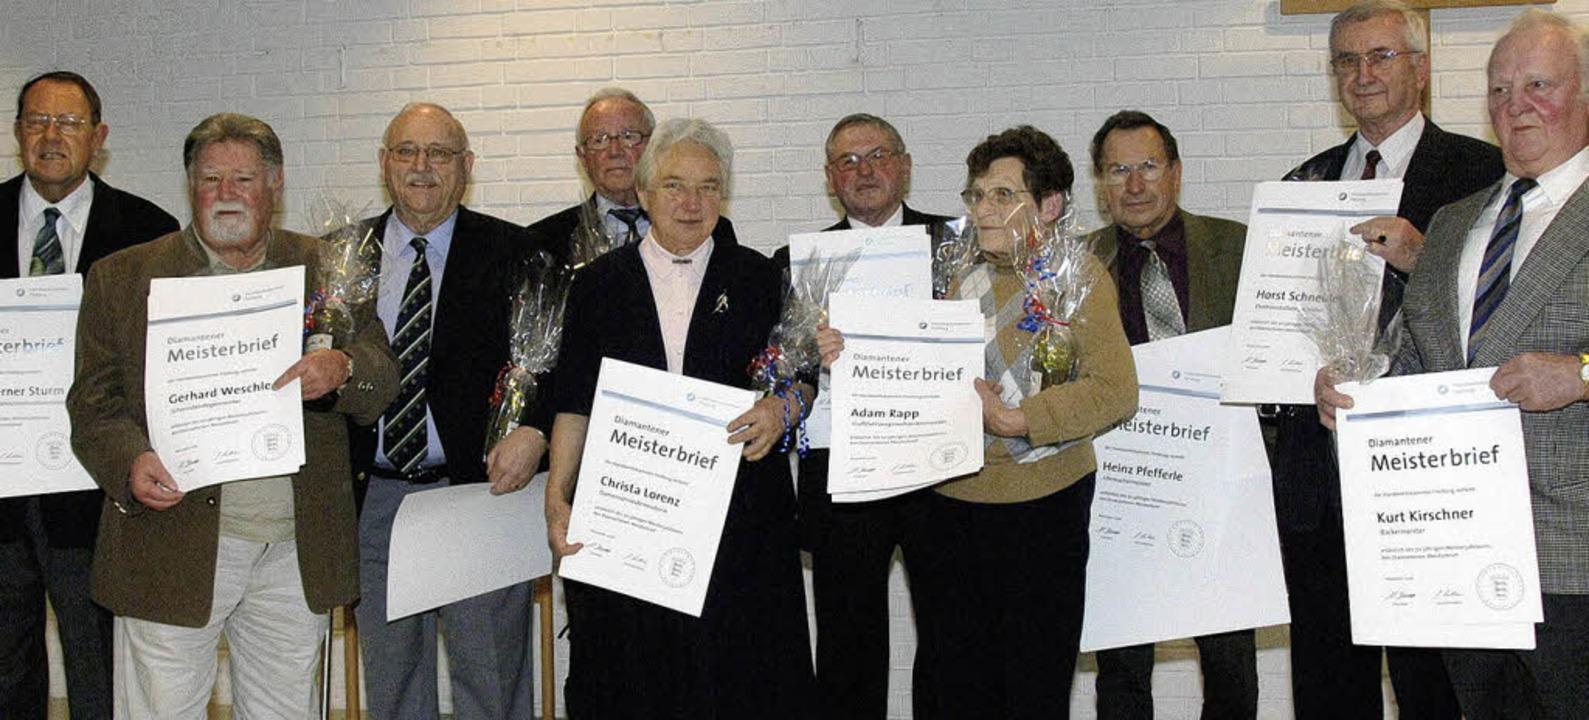 Nach 50 aktiven Berufsjahren als Handw...amantenen Meisterbrief ausgezeichnet.   | Foto: volker münch